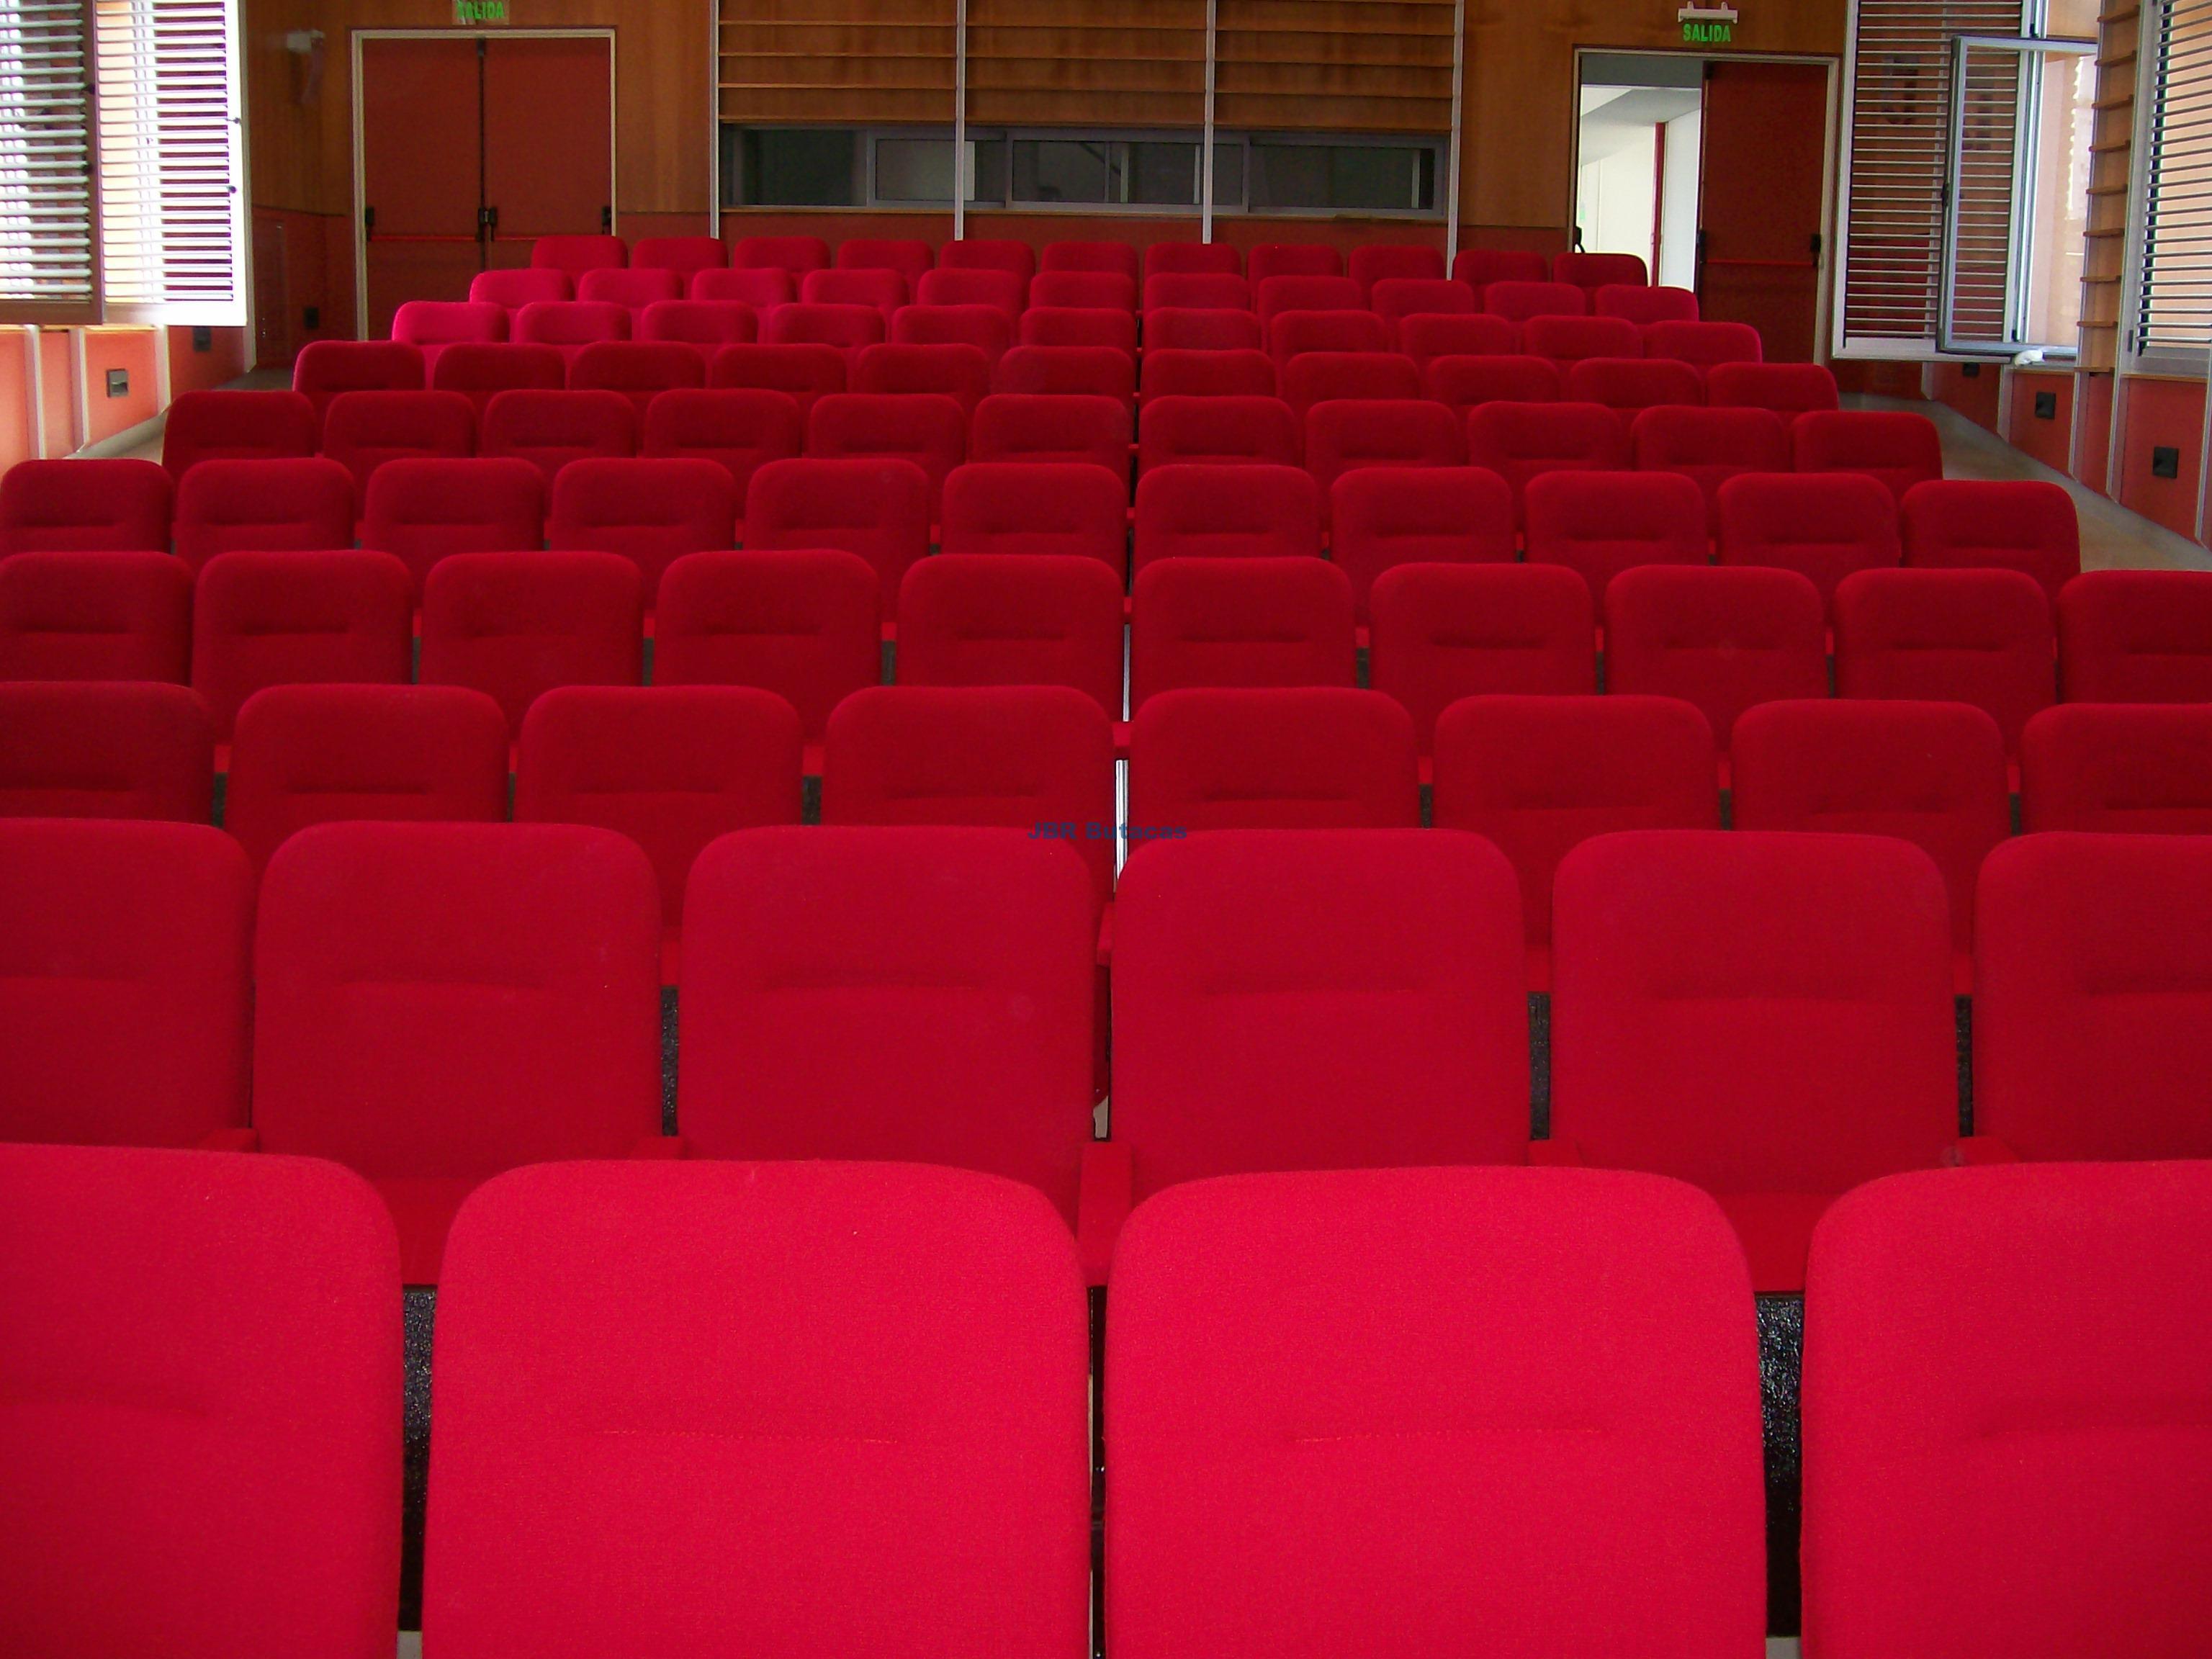 Butacas para auditorio modelo classic butacas - Modelos de butacas ...